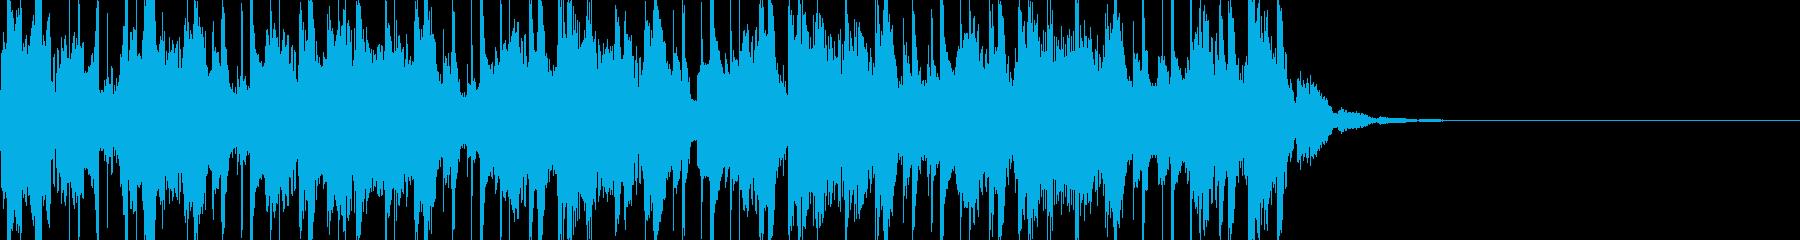 おしゃれで感傷的なテックブレイクスの再生済みの波形